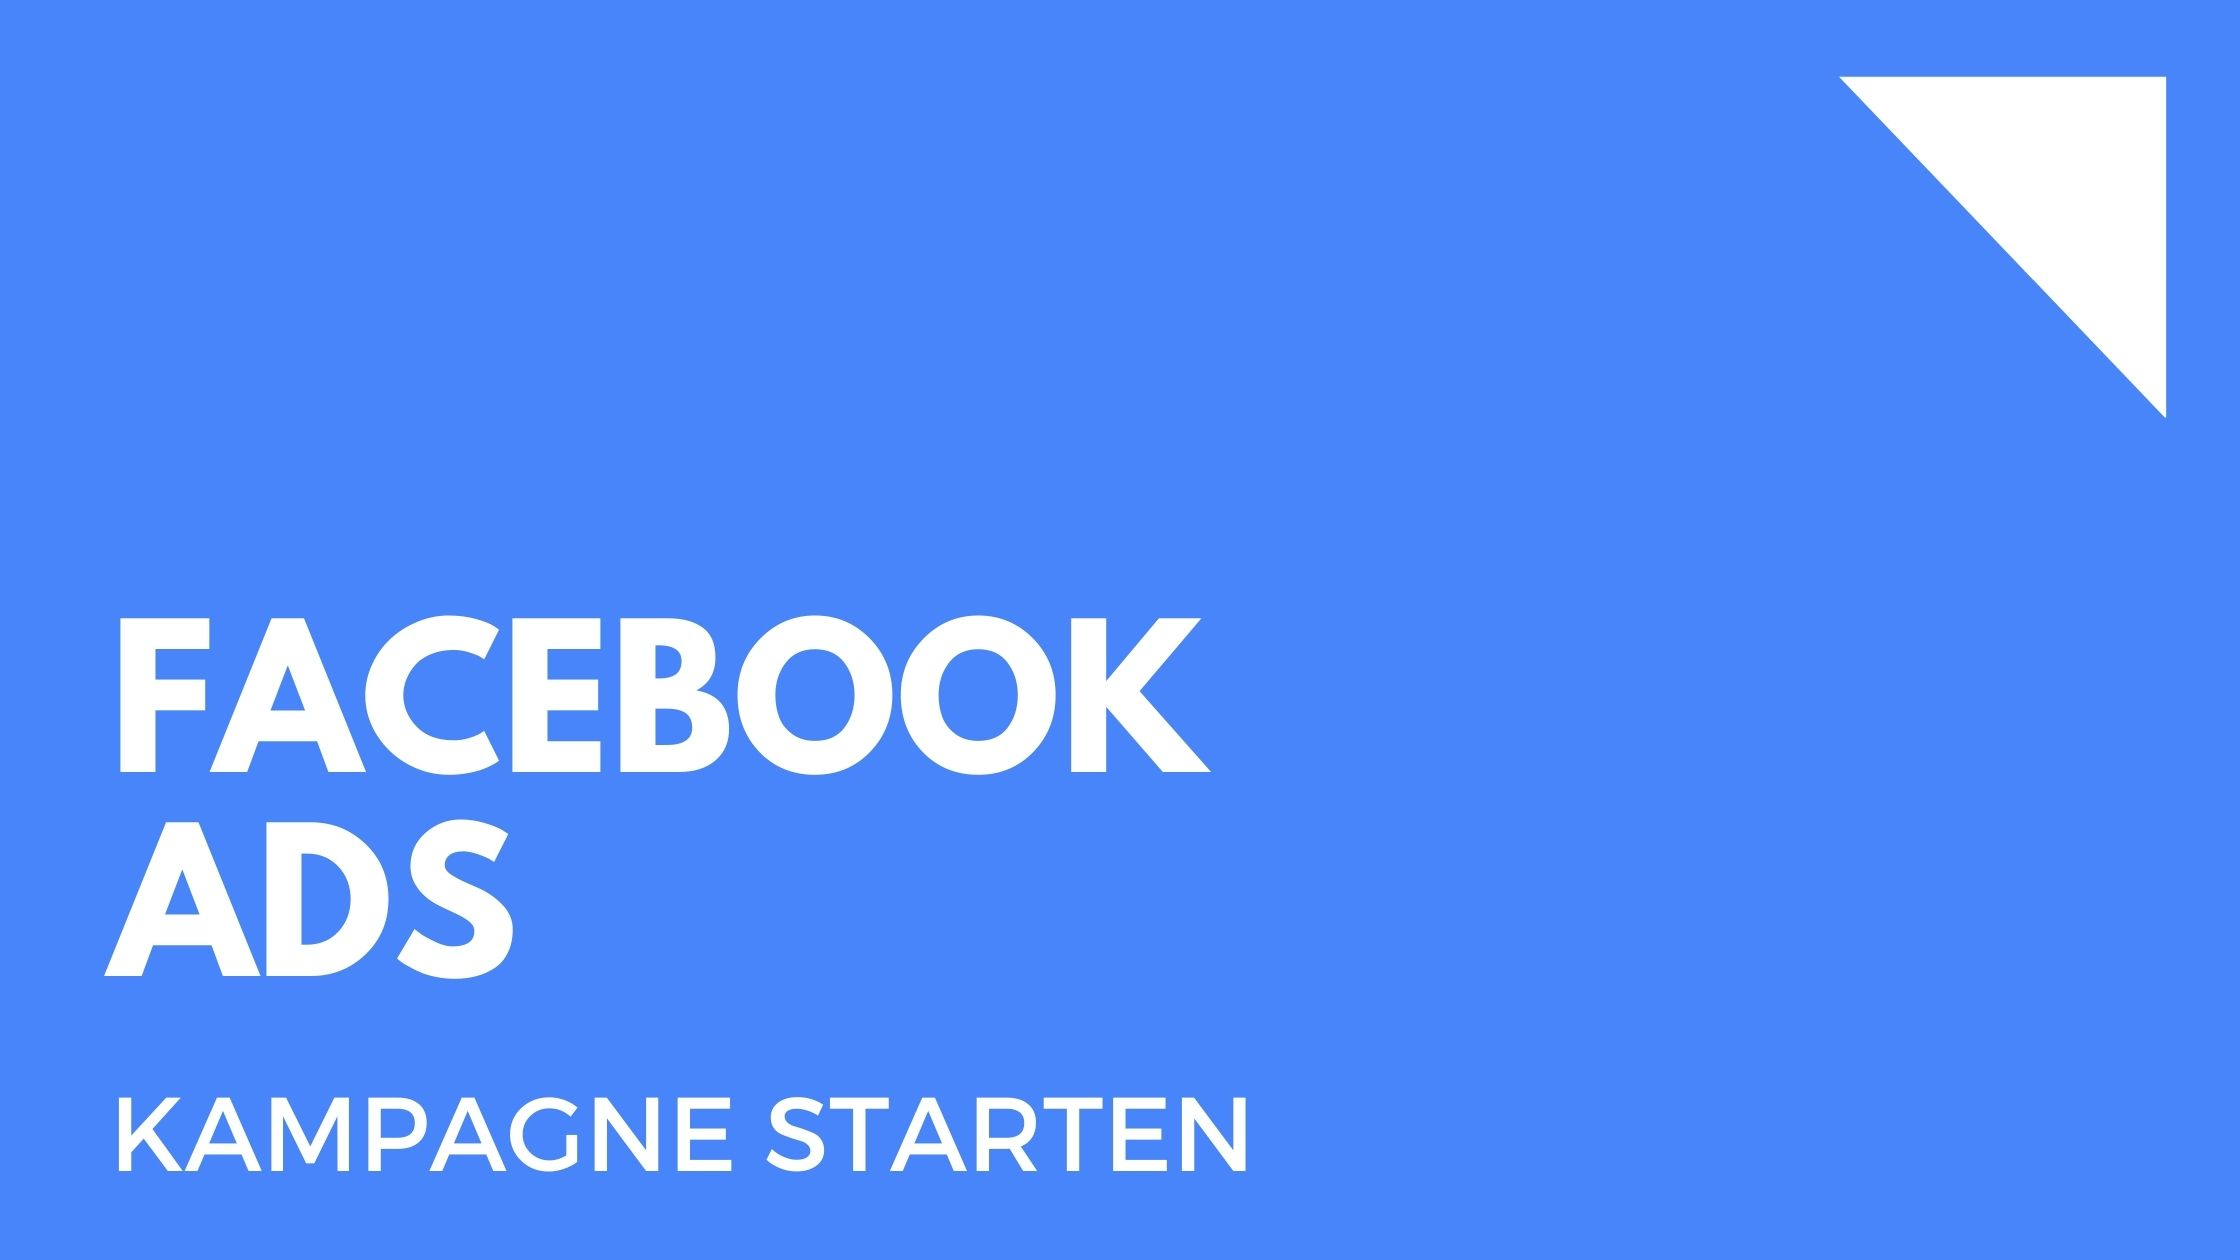 Facebook Ads: Der unkomplizierte Leitfaden zum Planen von Facebook-Werbung